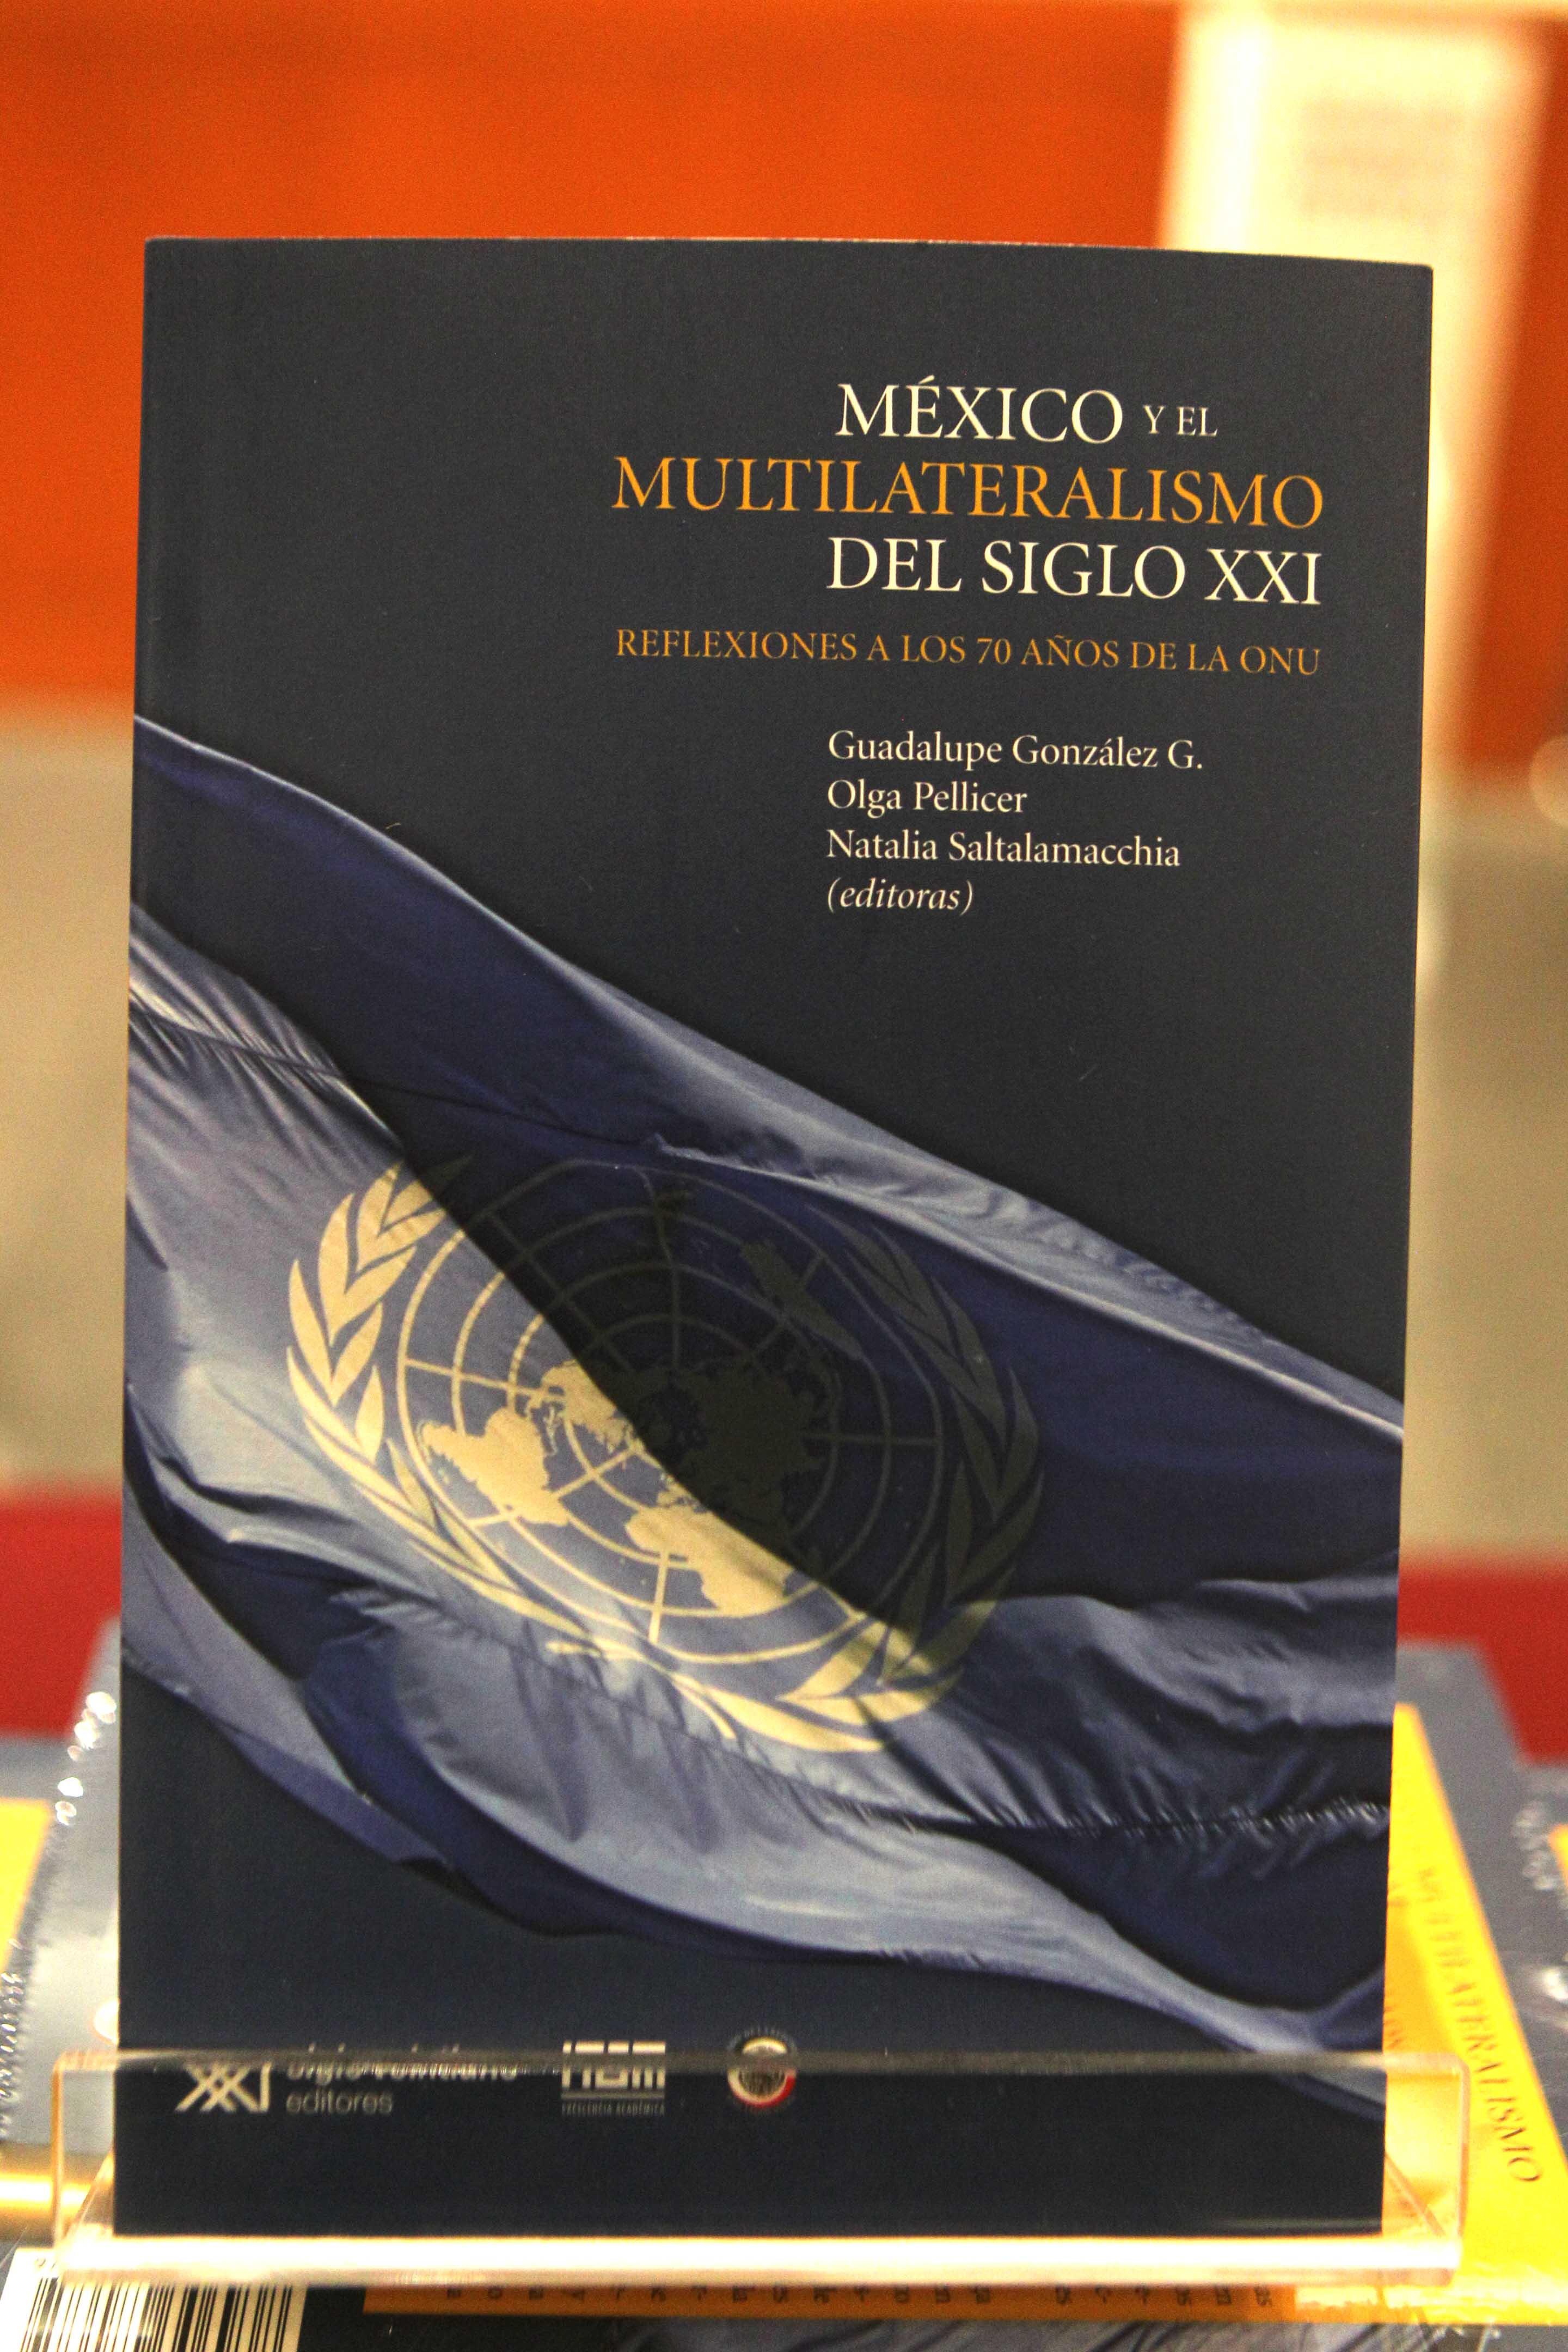 Libro México y el Multilateralismo del Siglo 21, Reflexiones a los 70 años de la ONU